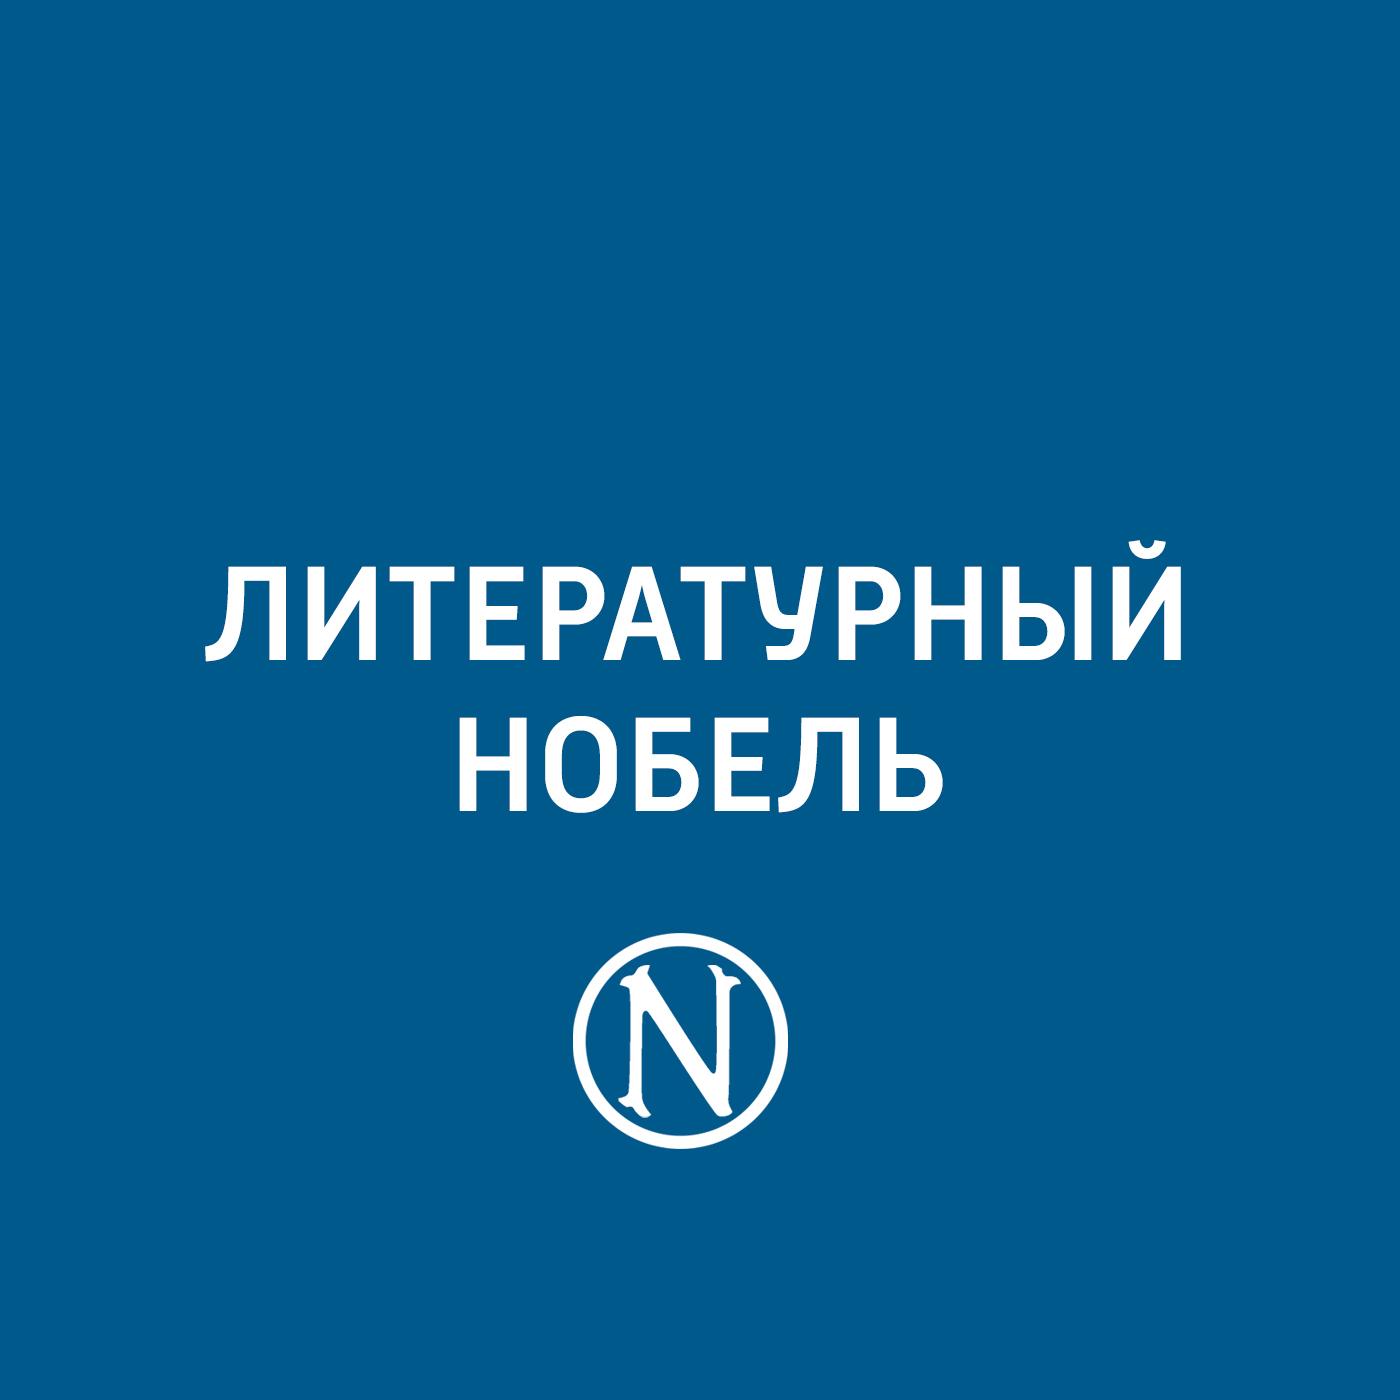 Евгений Стаховский Михаил Шолохов евгений стаховский о затянувшийся весне и премии ника